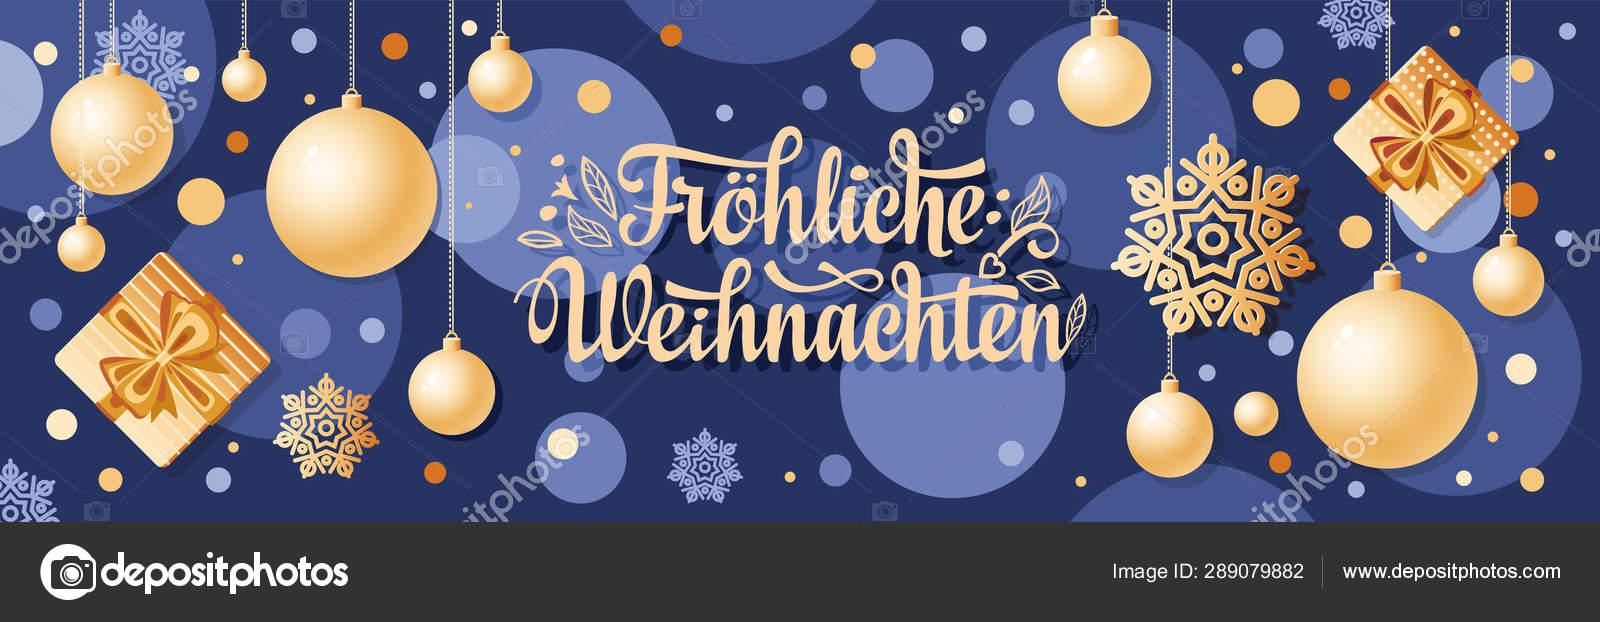 Frohe Weihnachten Aus Deutschland.German Text Frohe Weihnachten Horizontal Header Christmas